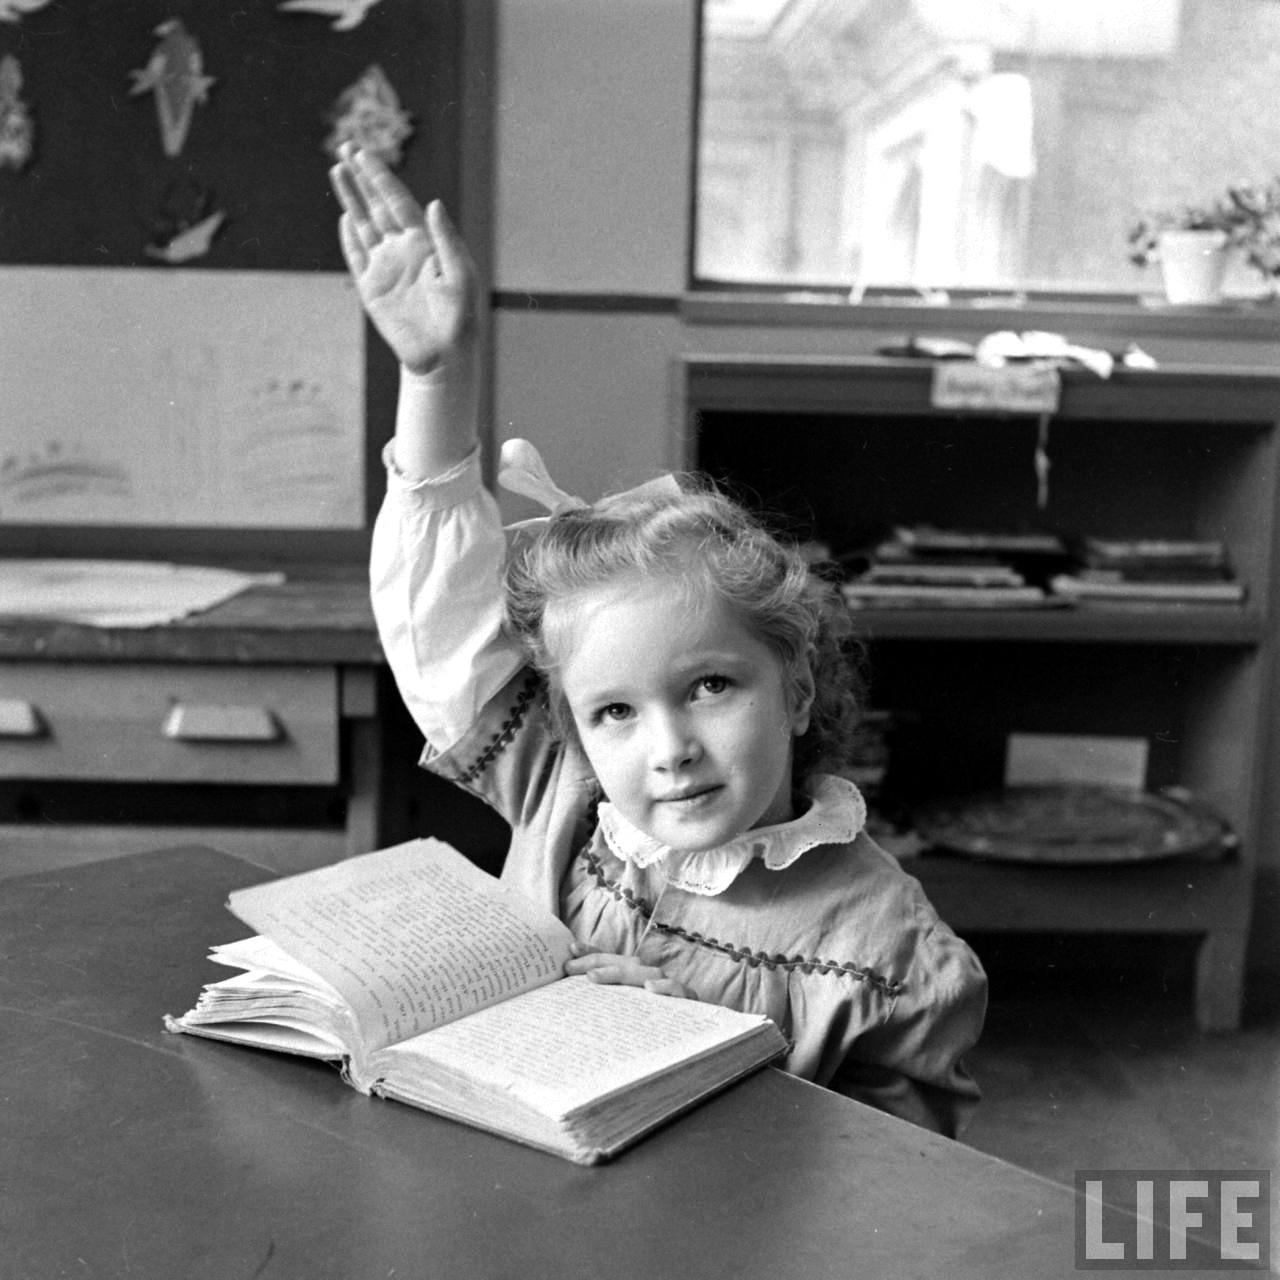 Fotó: Nina Leen: Hunter általános iskola. 1948. január © Nina Leen/Life Magazine